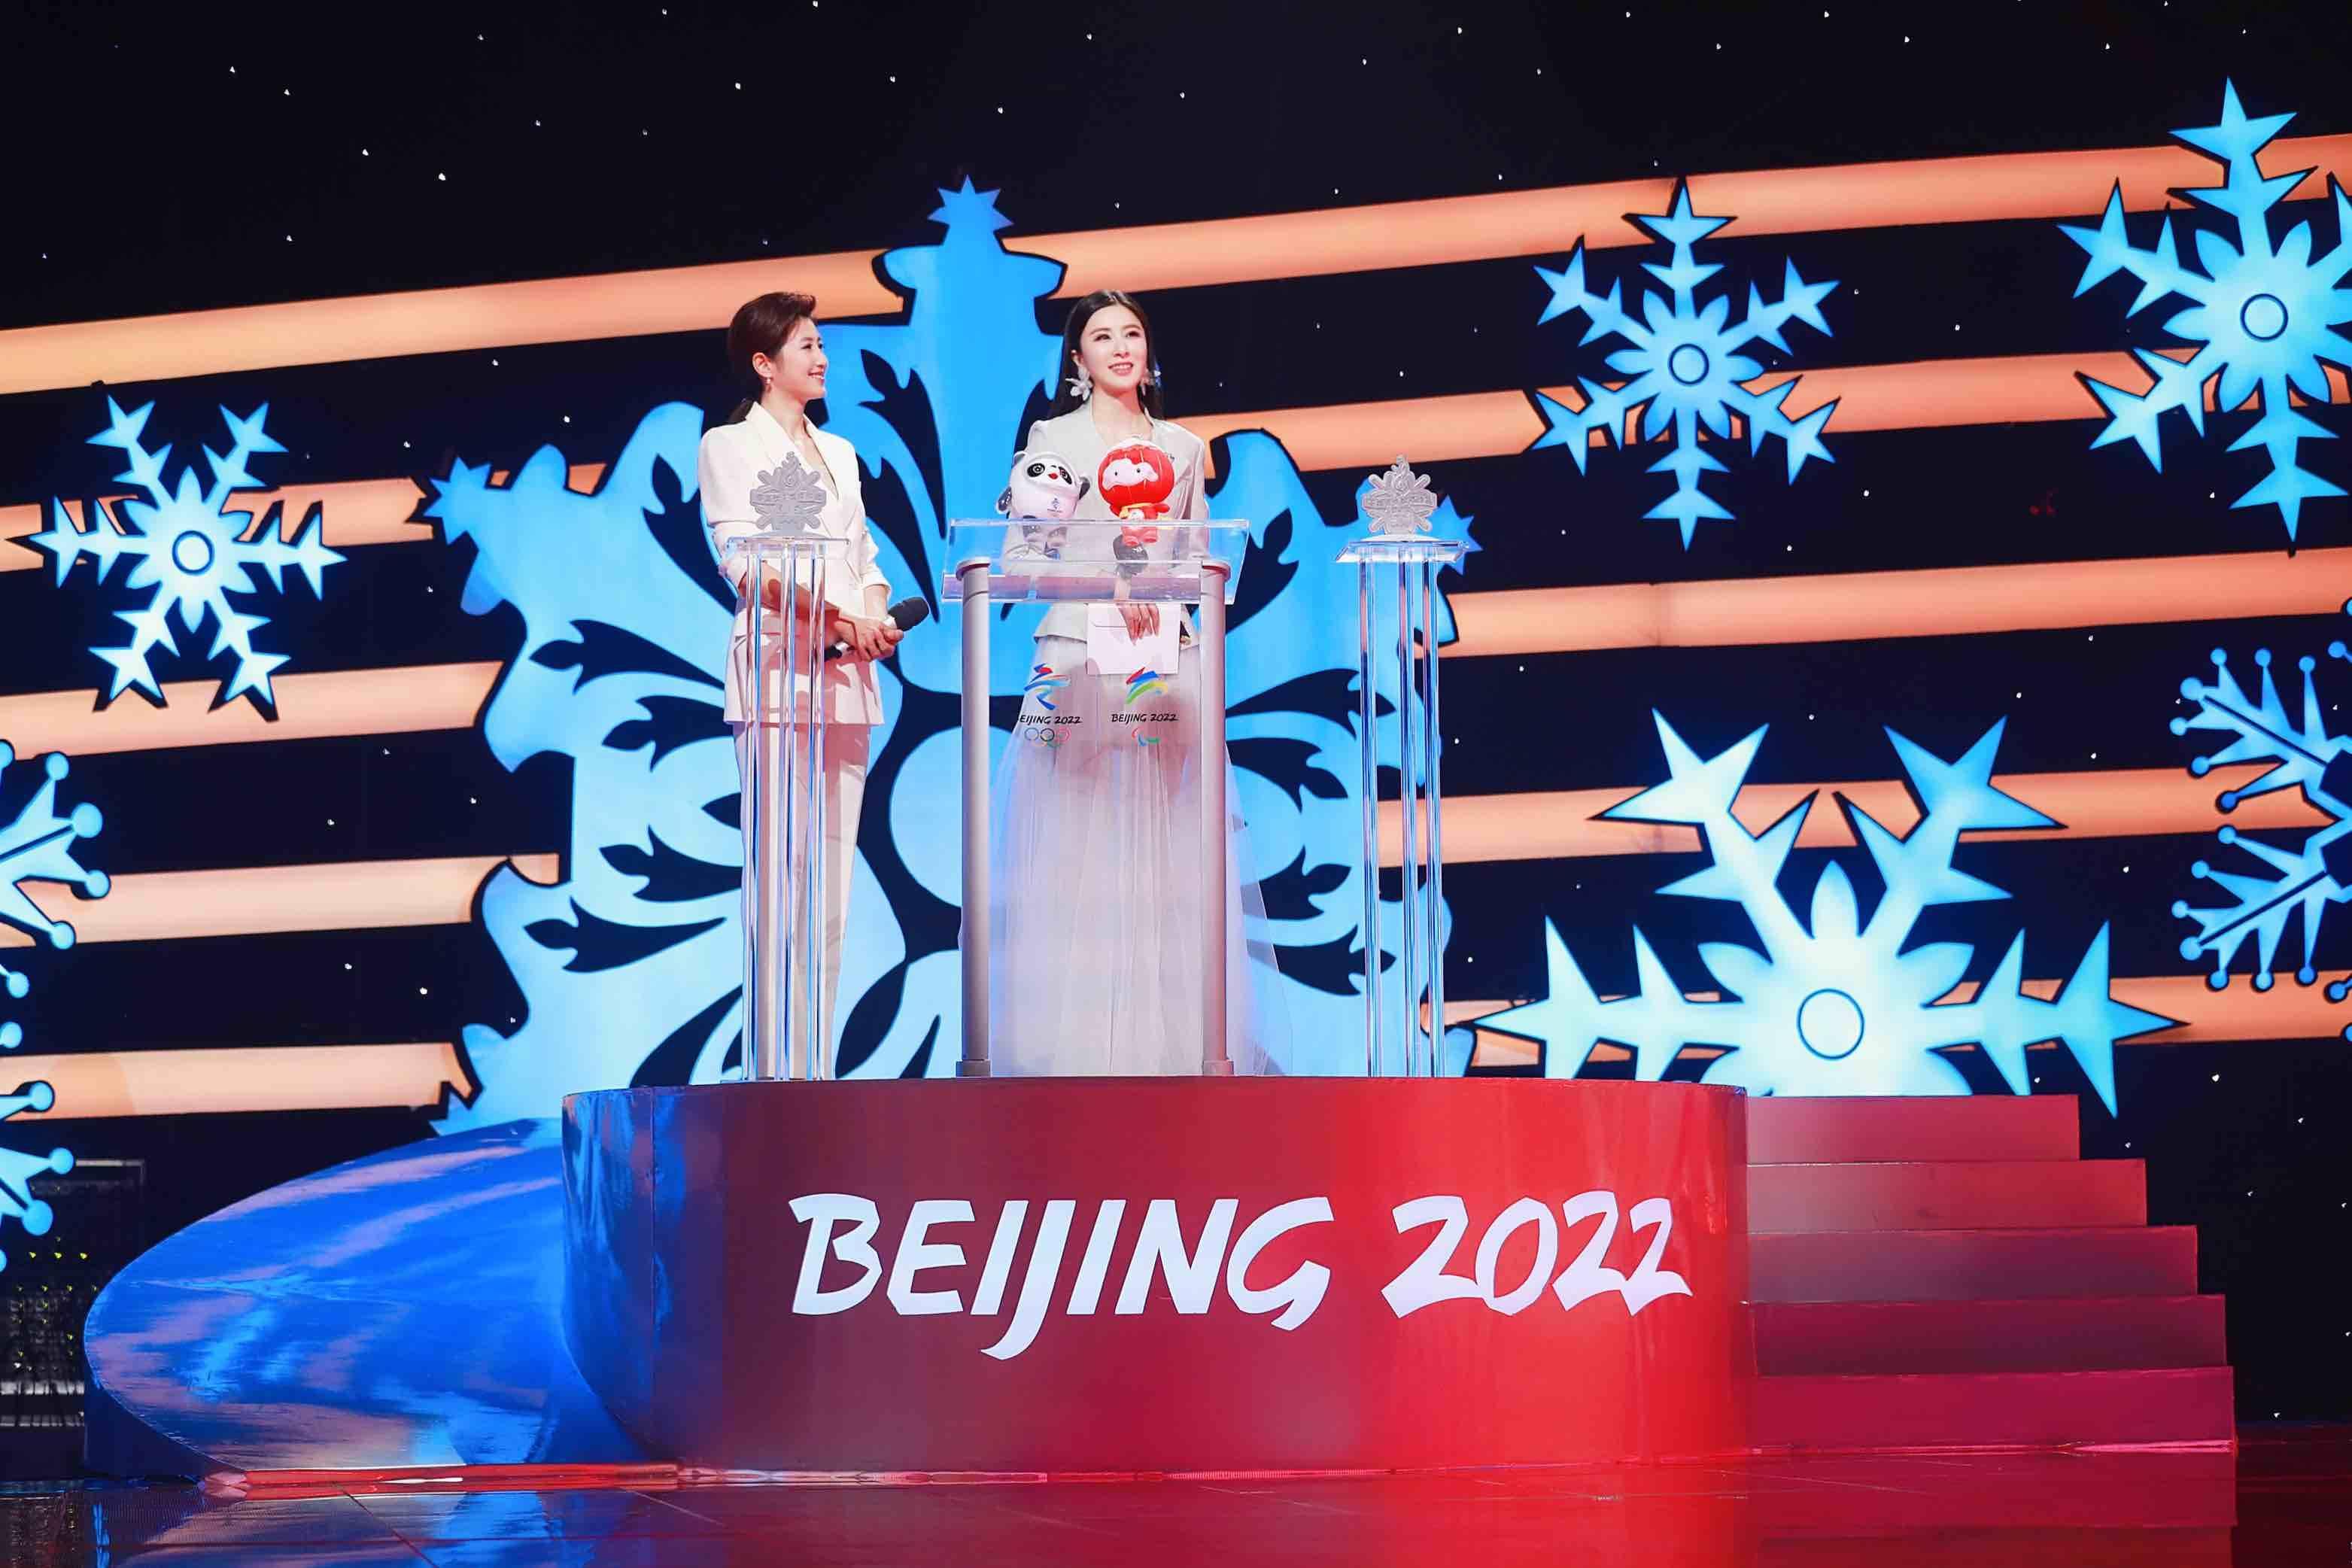 用歌声传递奥林匹克力量 首届冬奥优秀音乐作品发布